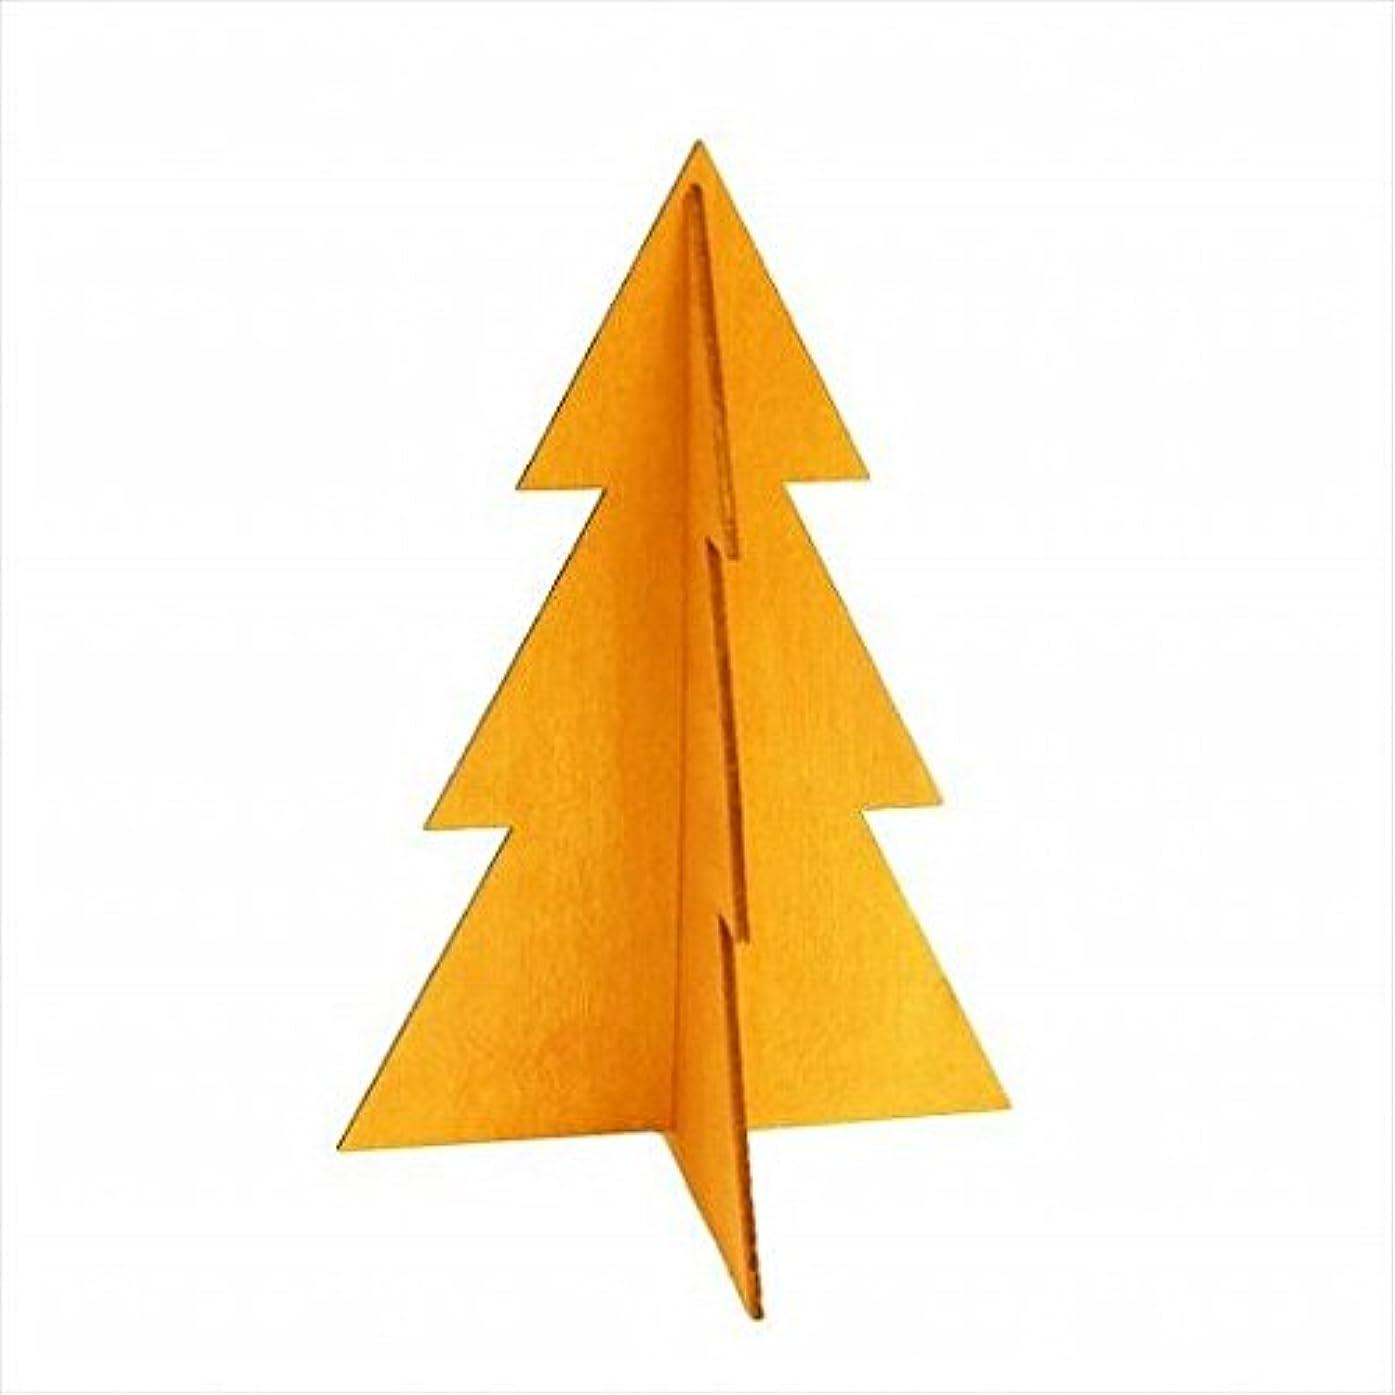 費用先のことを考える急いでkameyama candle(カメヤマキャンドル) フェスティブツリーM 「 オレンジ 」 キャンドル 144x144x210mm (I882243009)